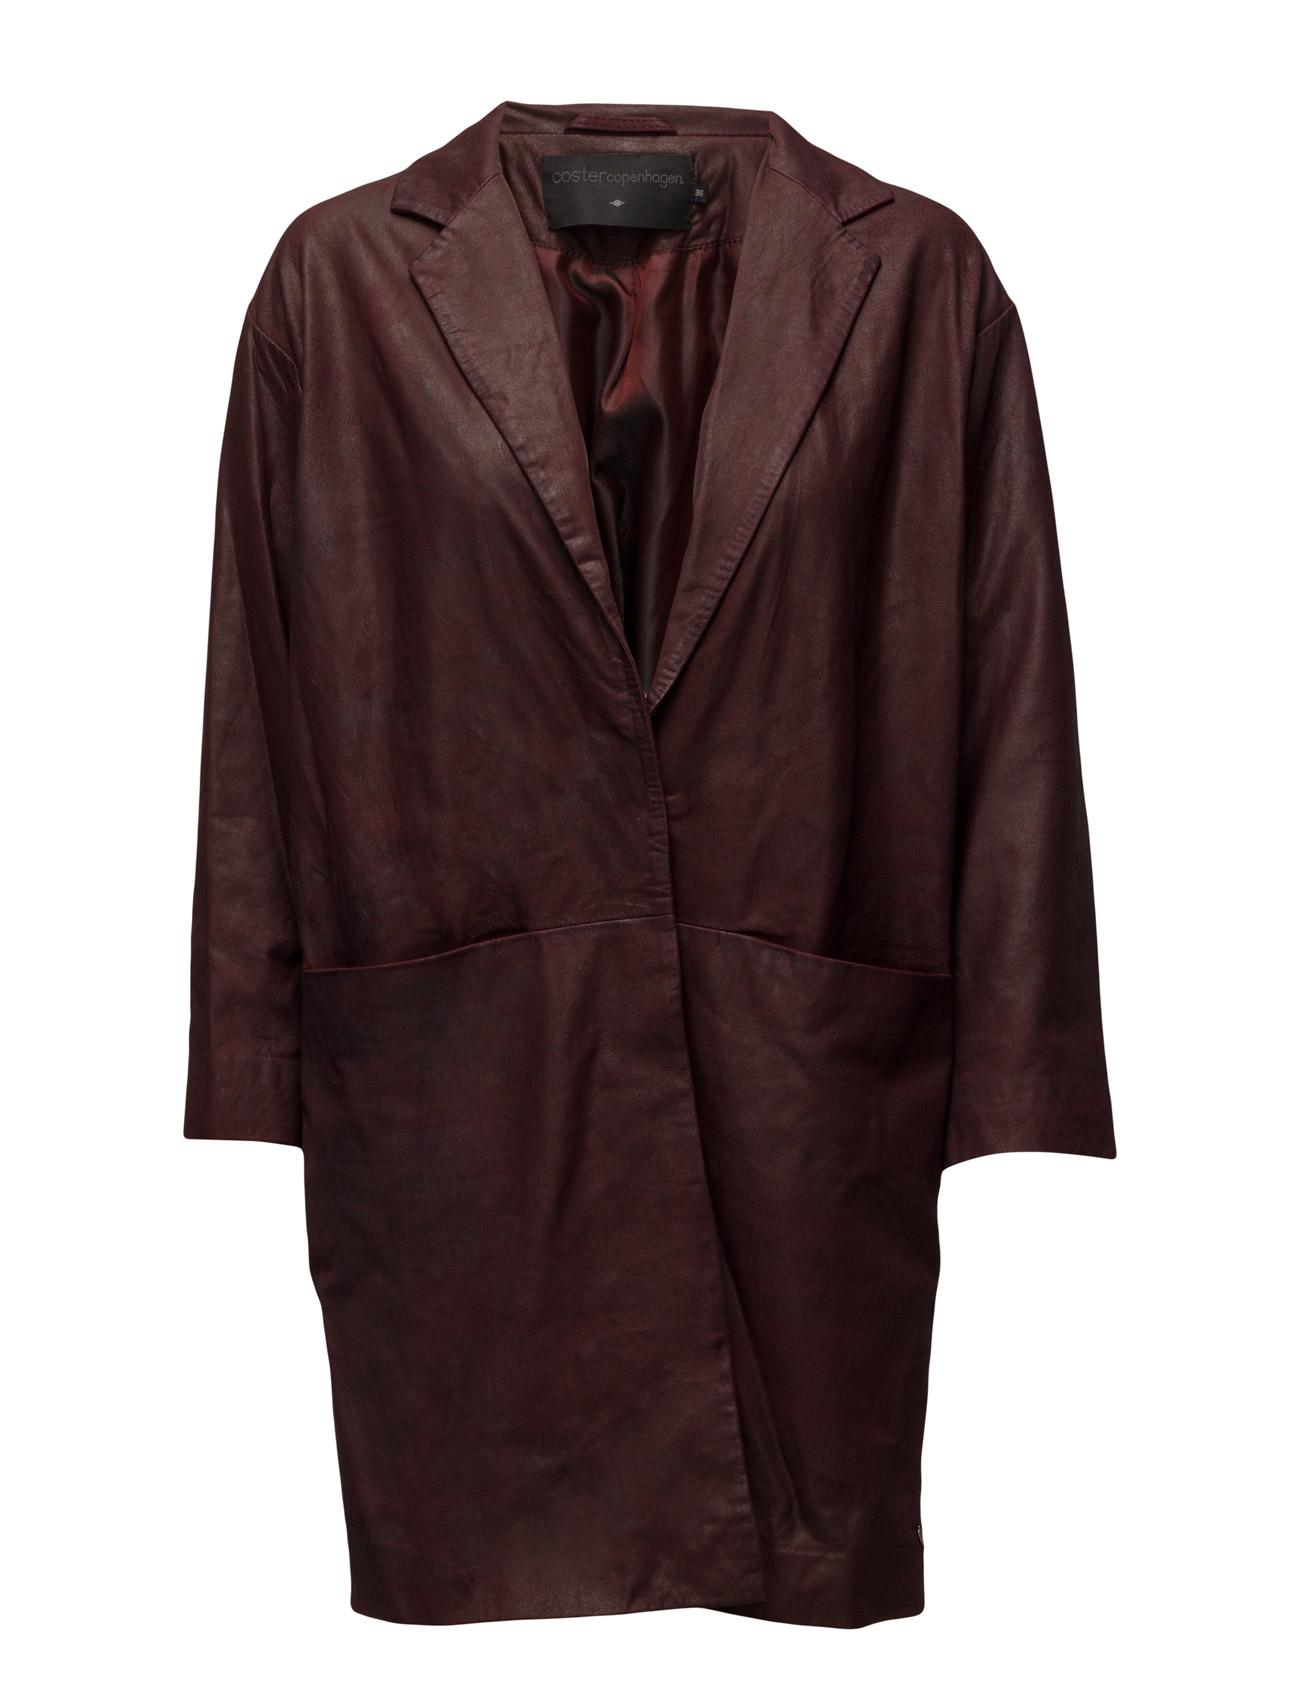 Suede Jacket Coster Copenhagen Frakker til Damer i Bordeaux